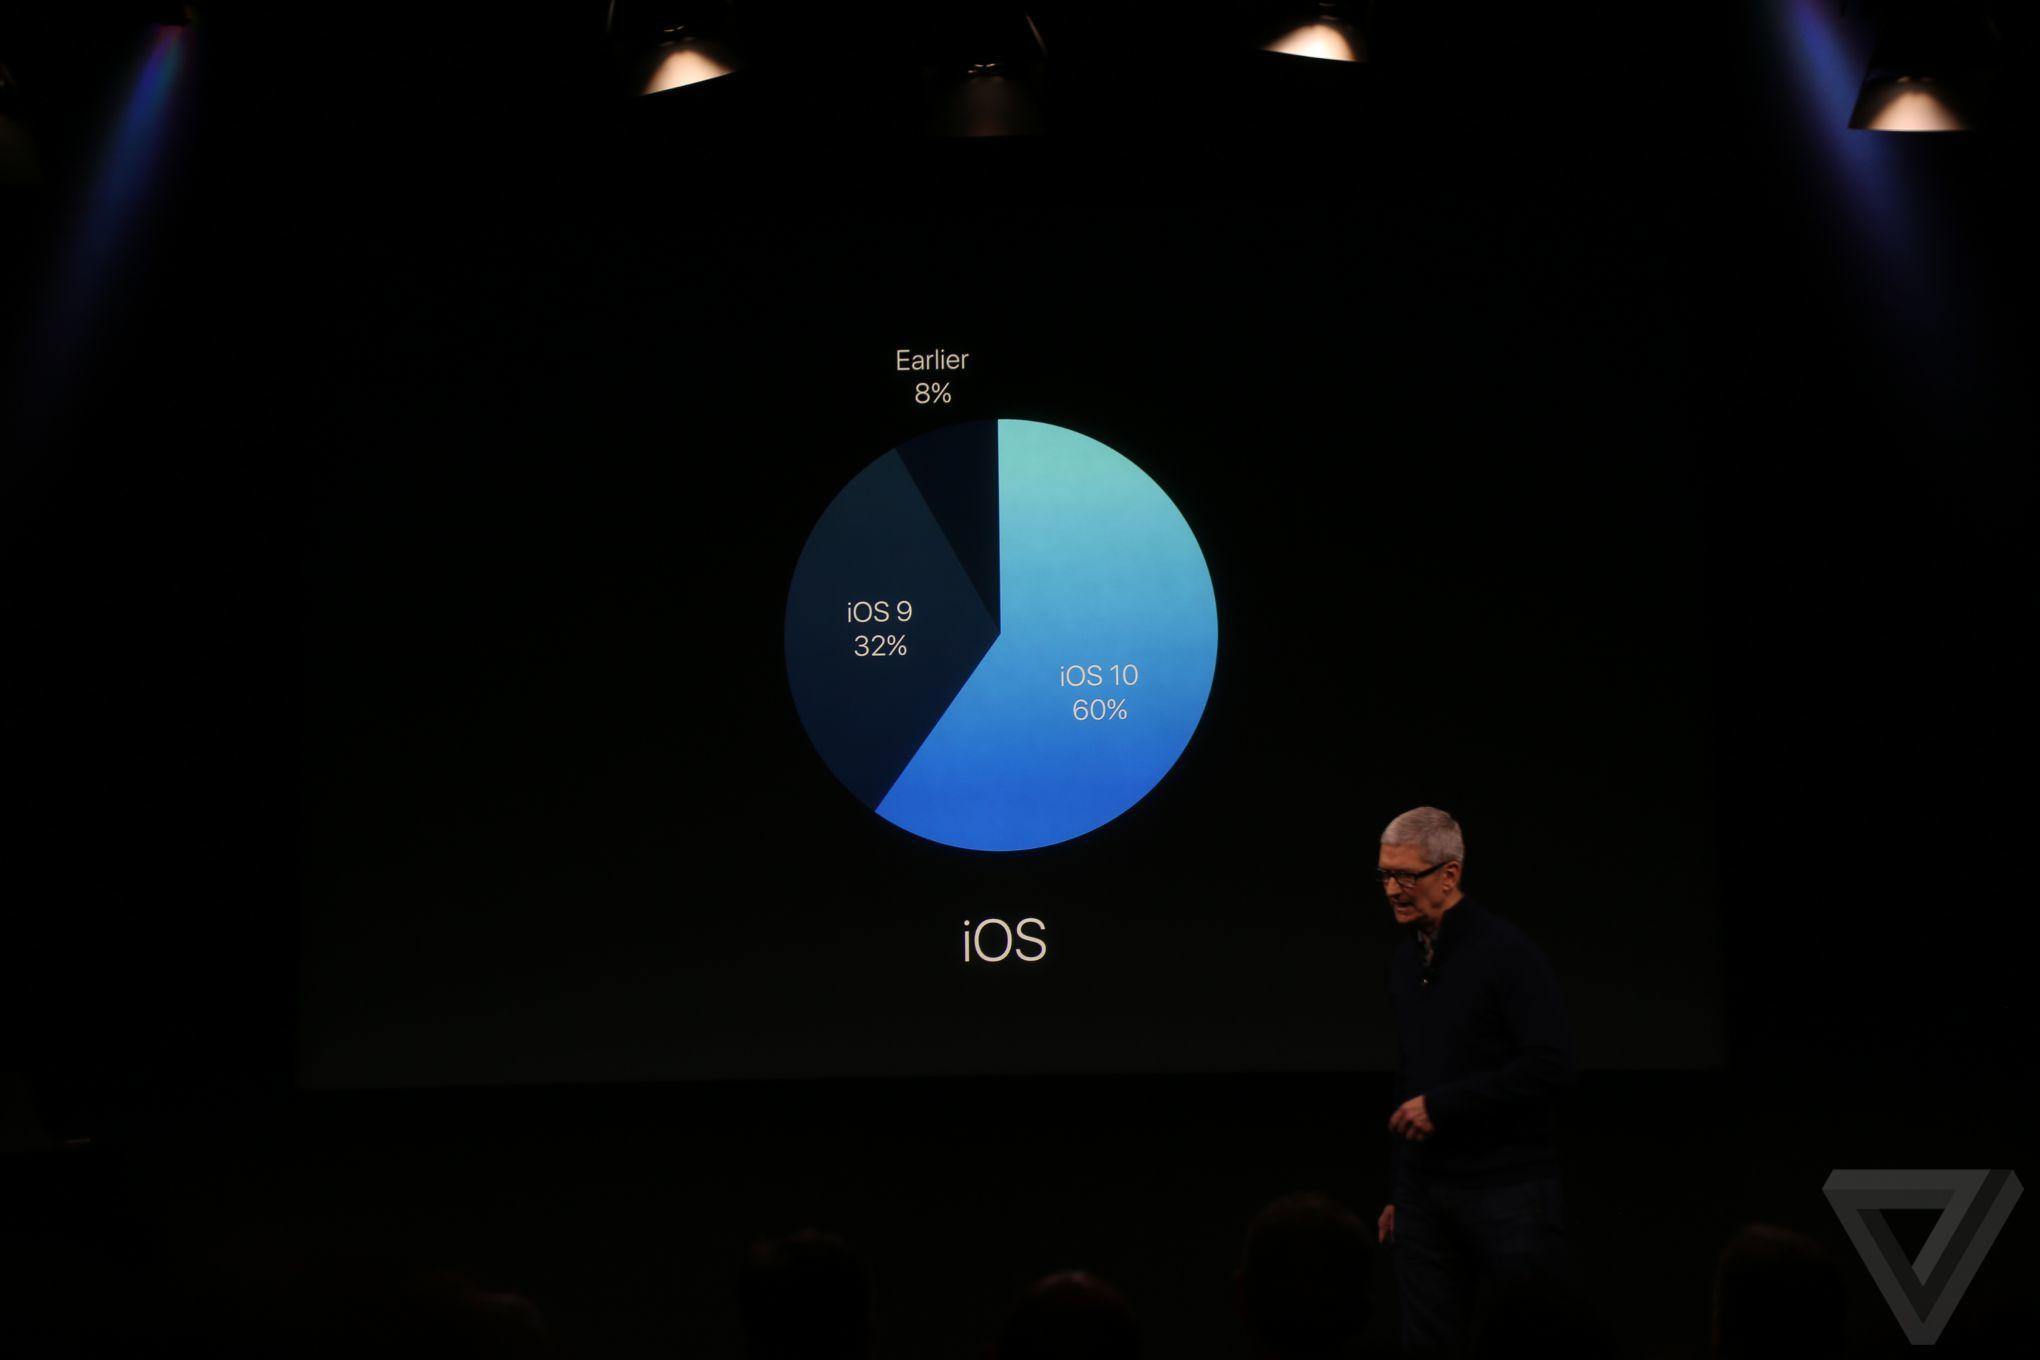 60% dos usuários já estão usando iOS 10